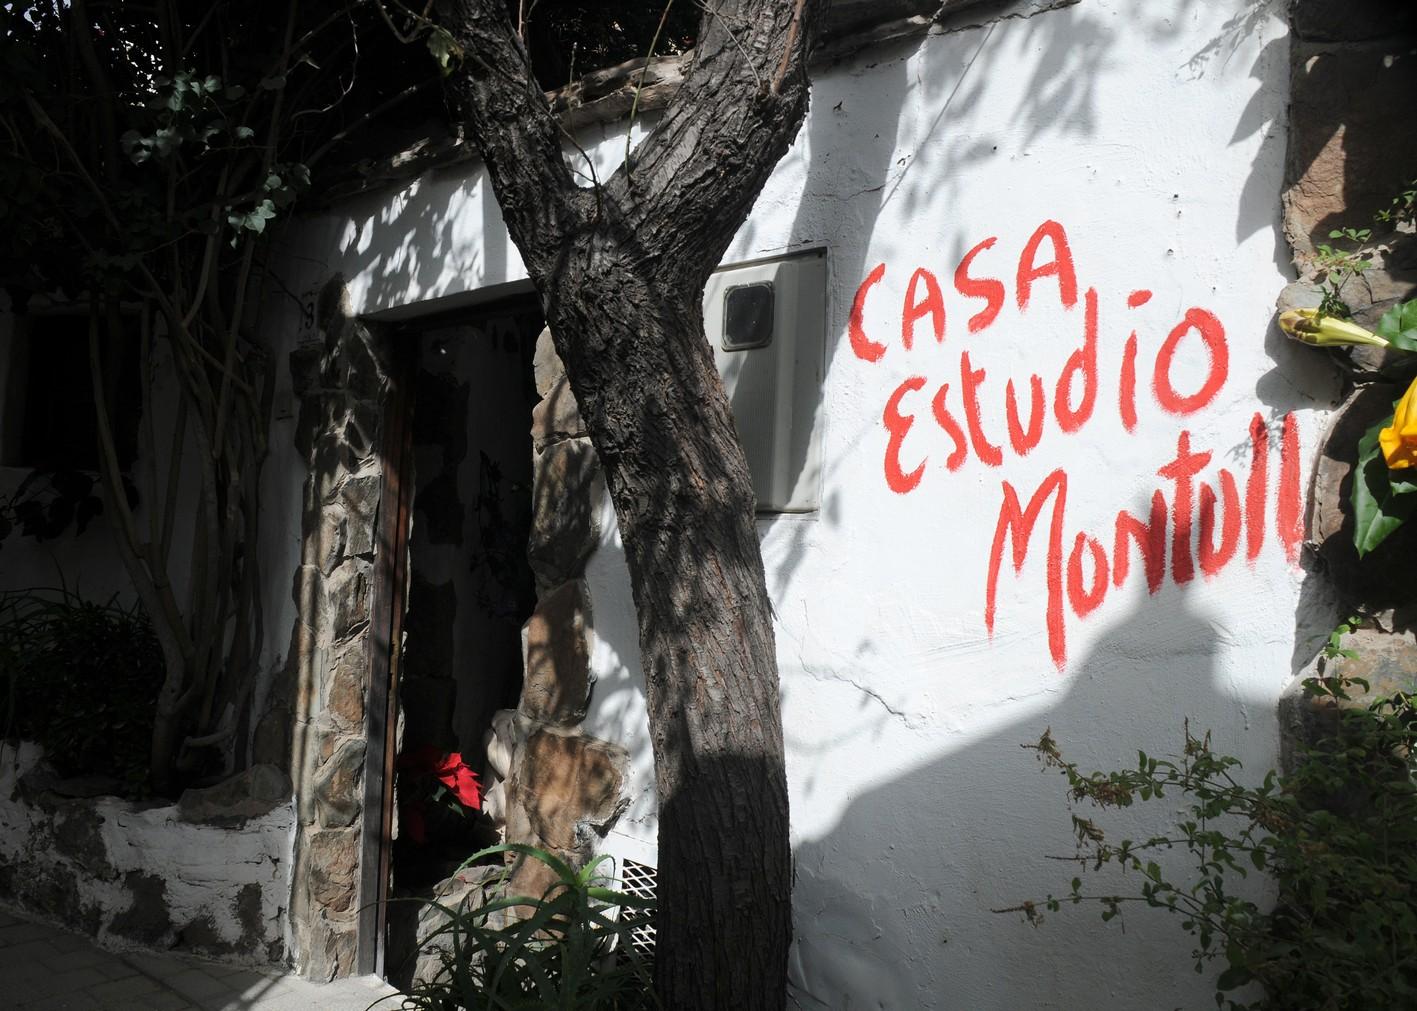 CASA ESTUDIO MONTULL, FATAGA